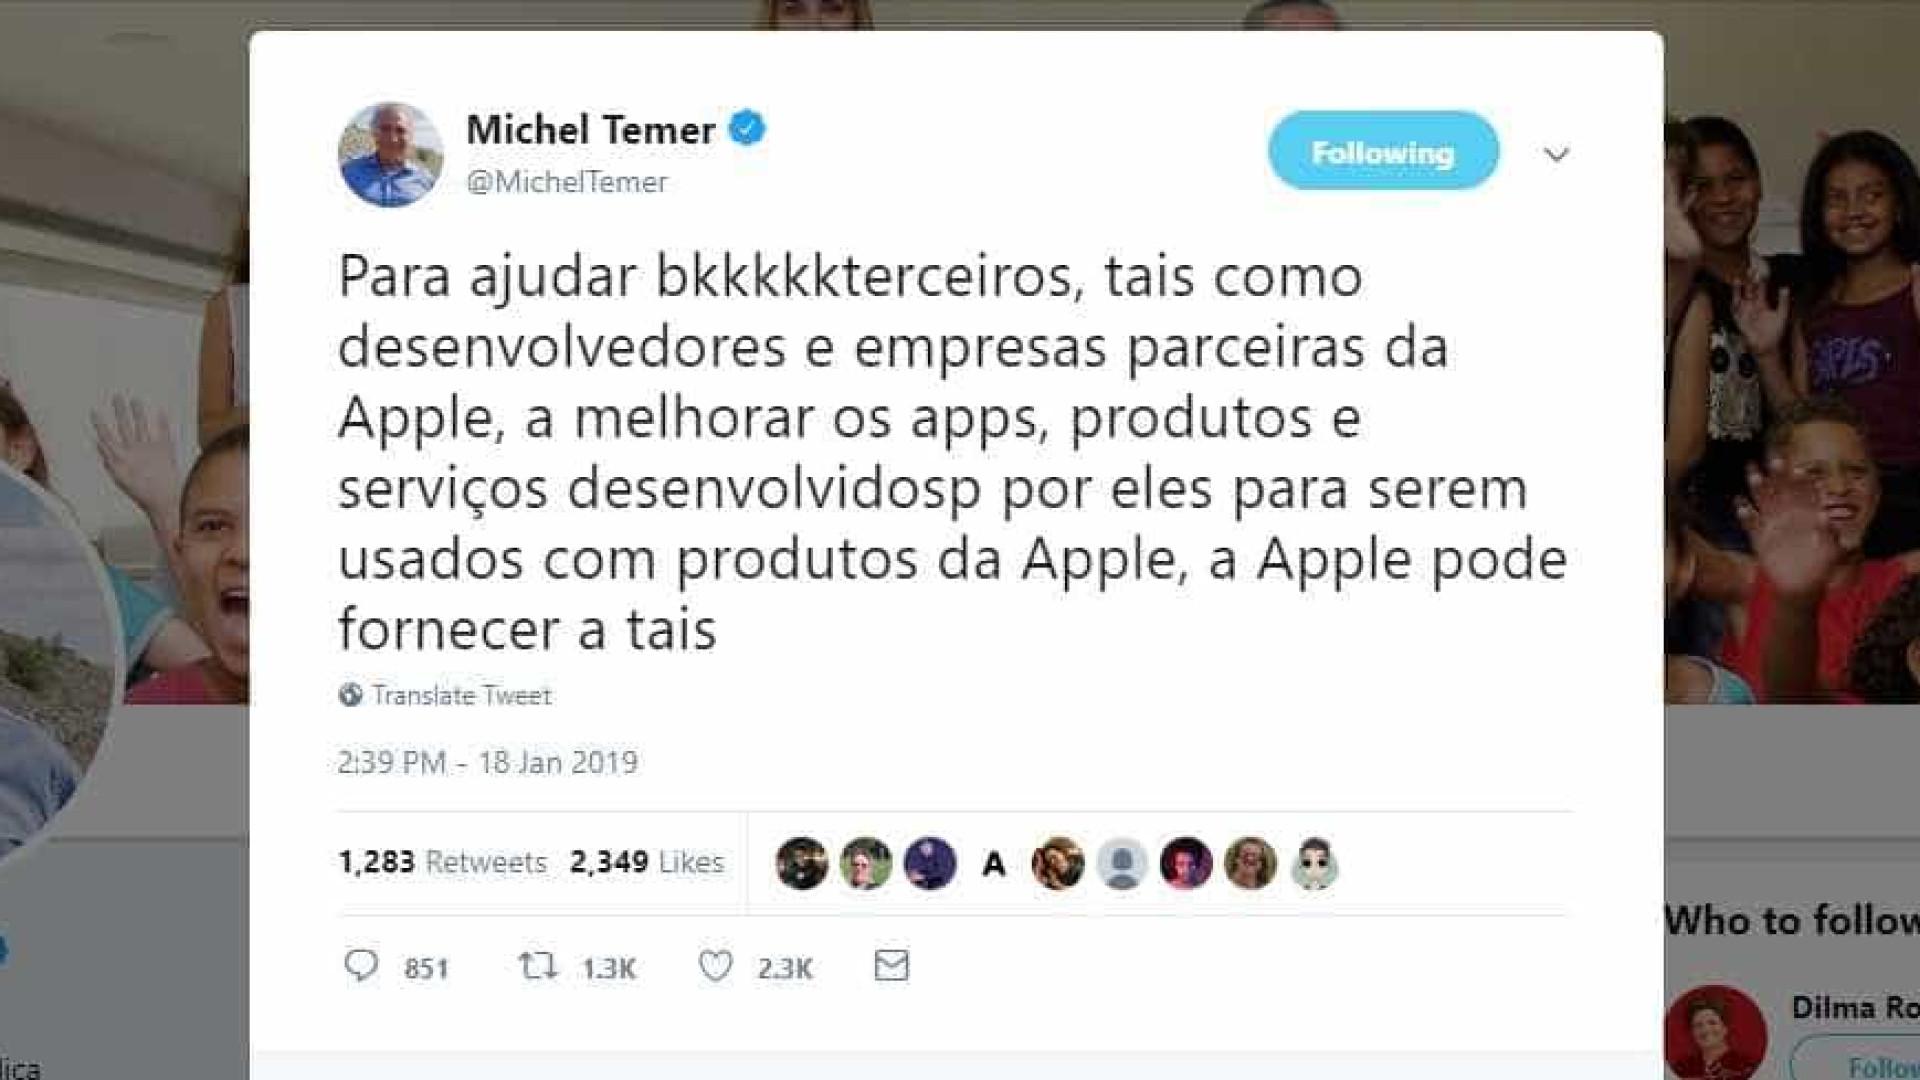 Temer cita a Apple três vezes em mensagem incompreensível no Twitter